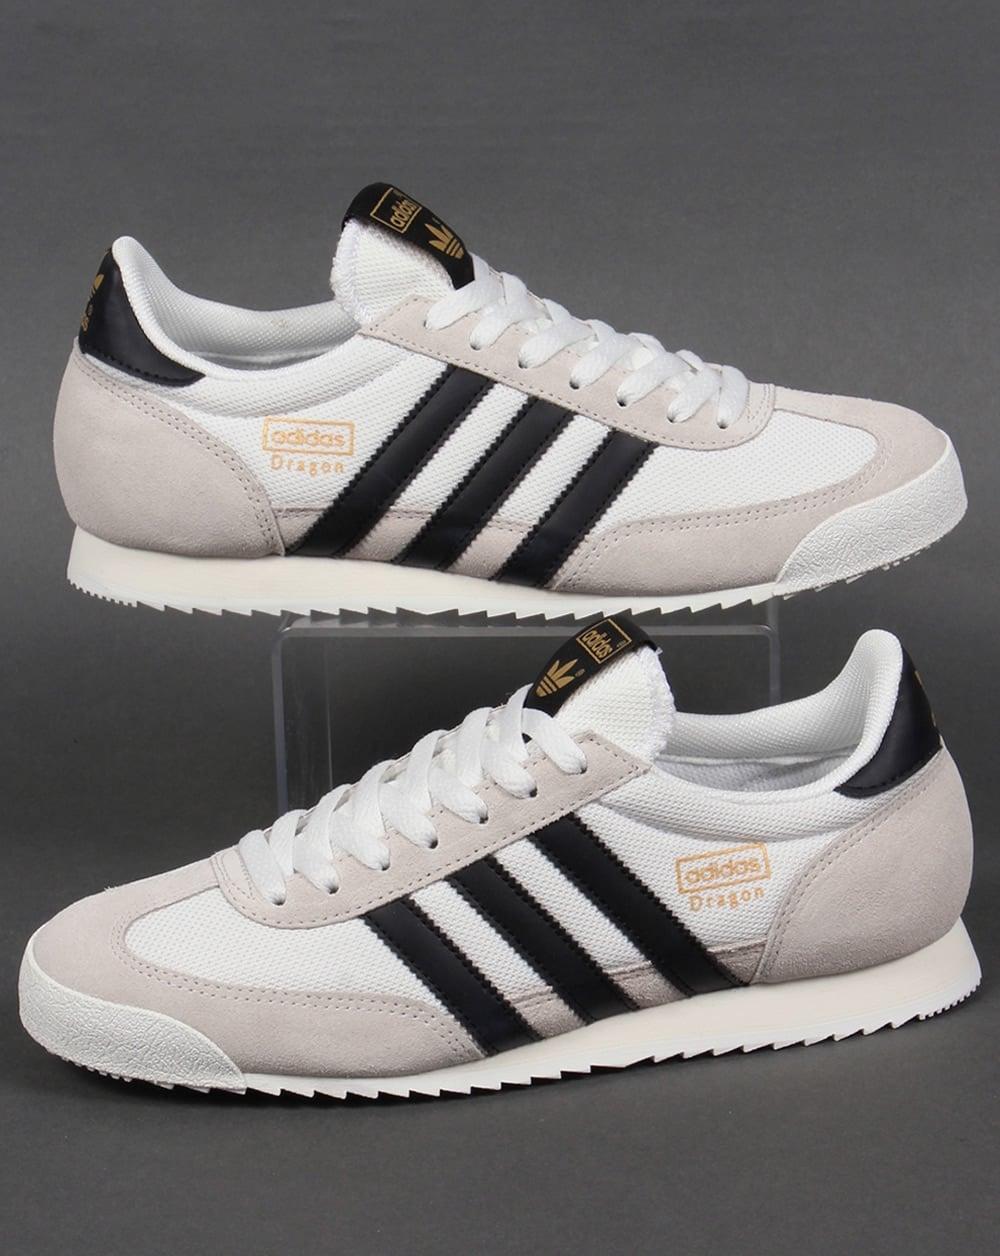 ea5b2fd850ab34 adidas Trainers Adidas Dragon Trainers White Black